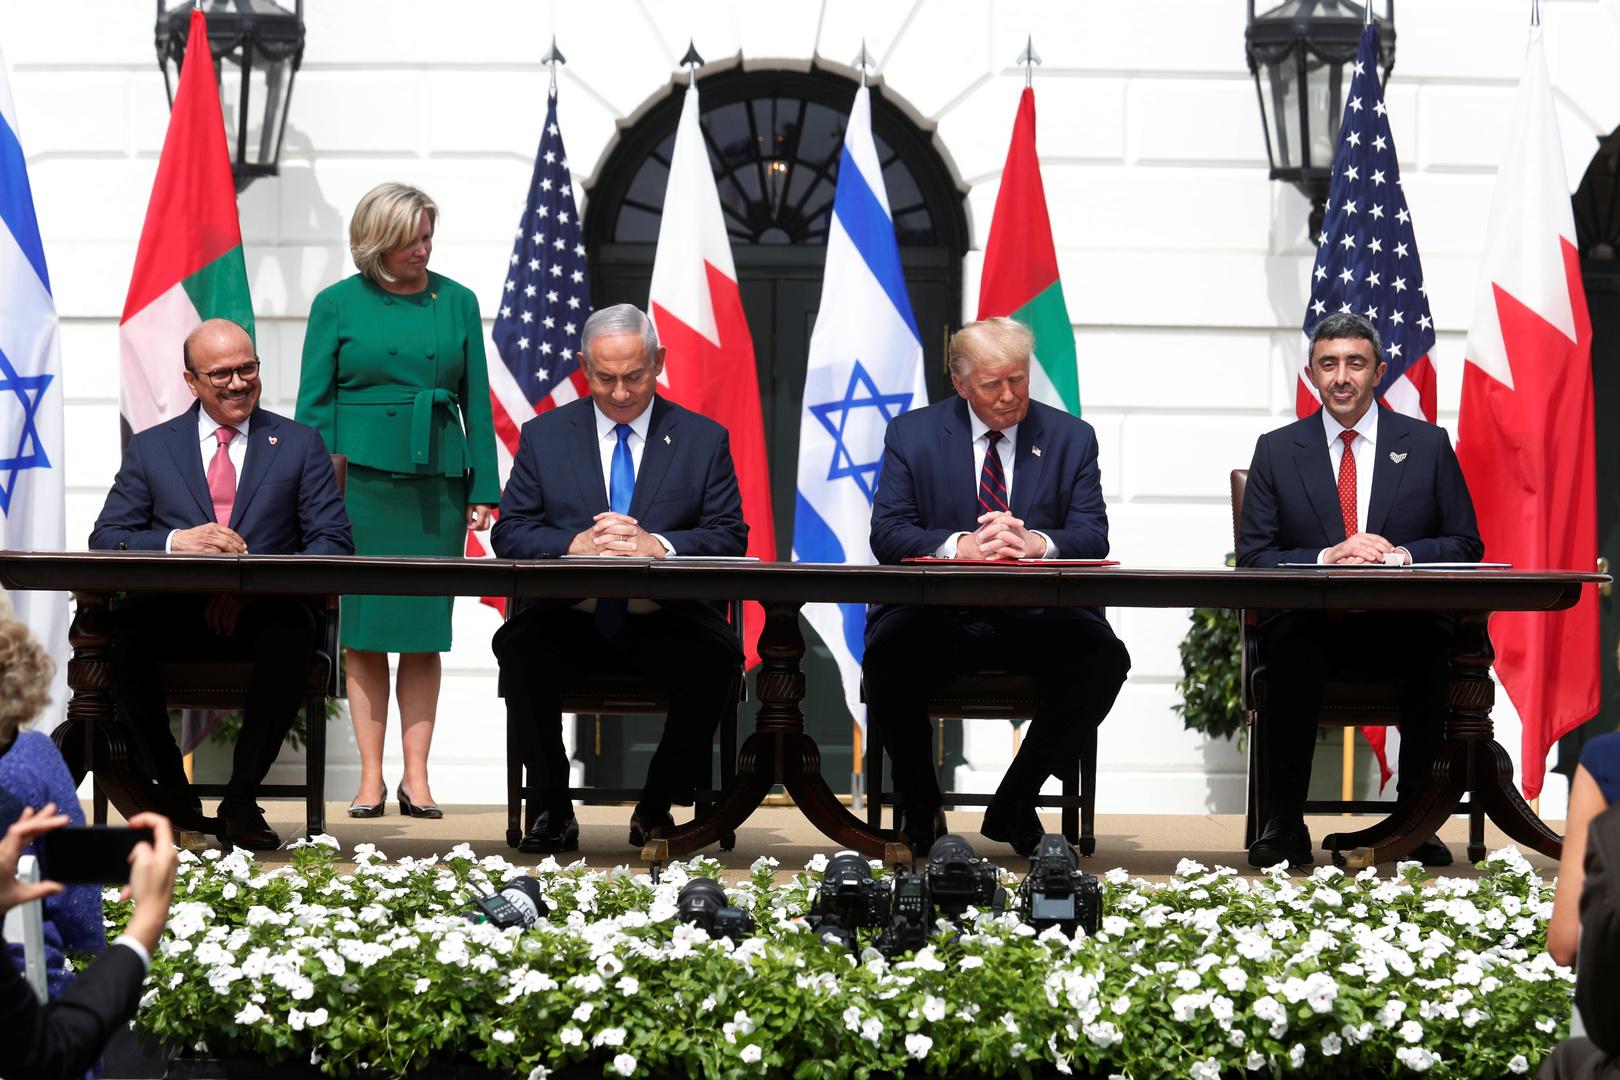 توقيع اتفاق السلام بين إسرائيل وكل من الإمارات والبحرين في البيت الأبيض